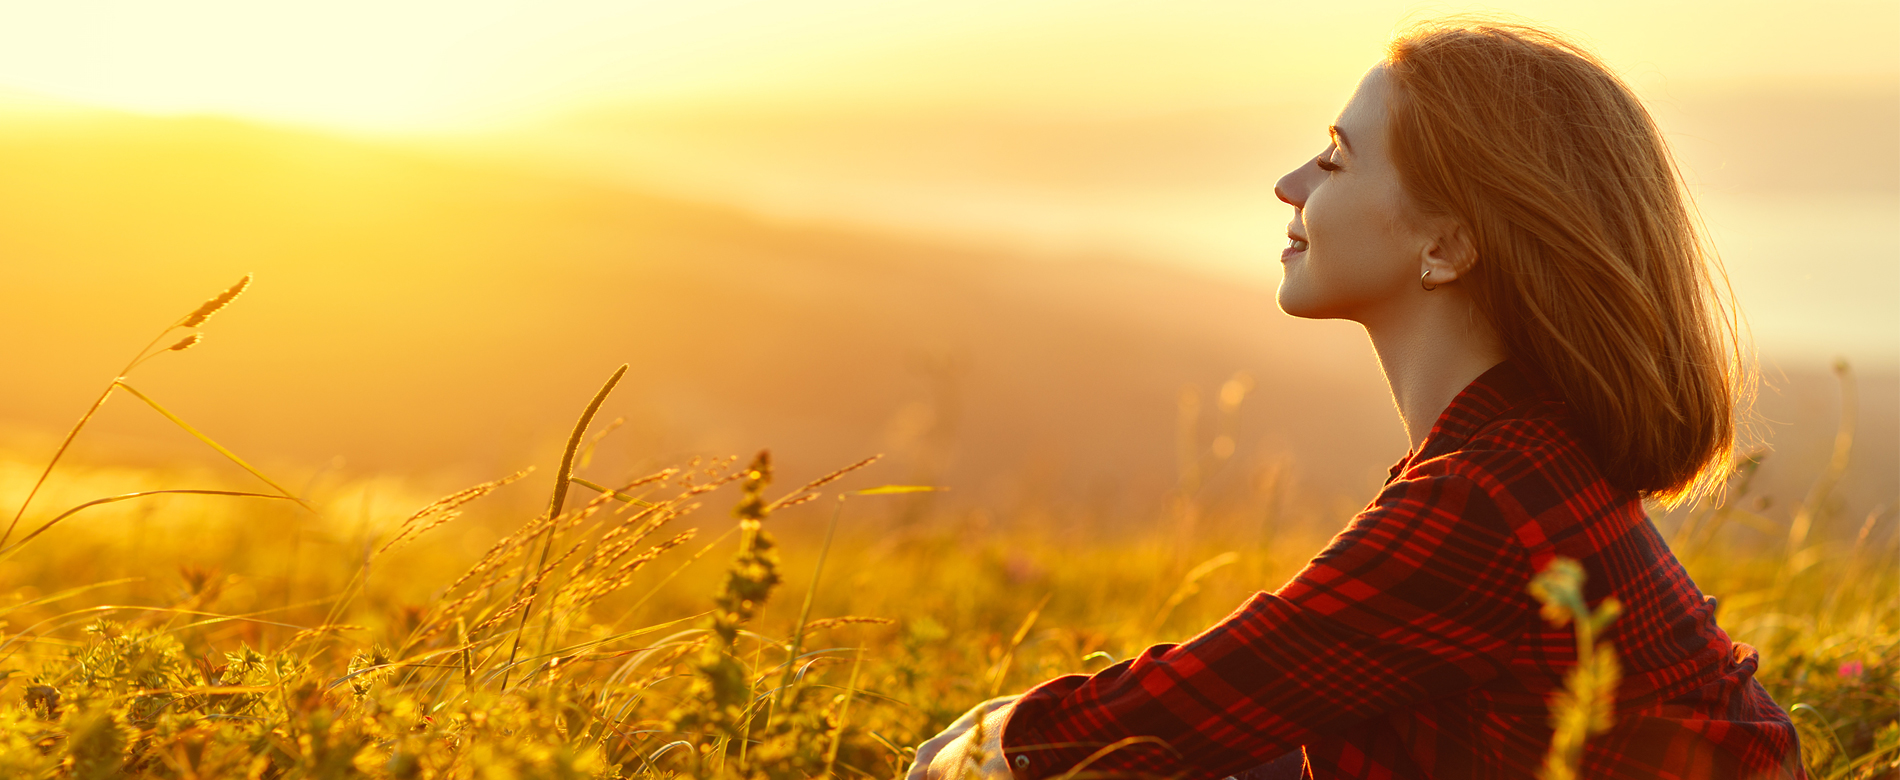 109 – Quem é beneficiado por Deus?